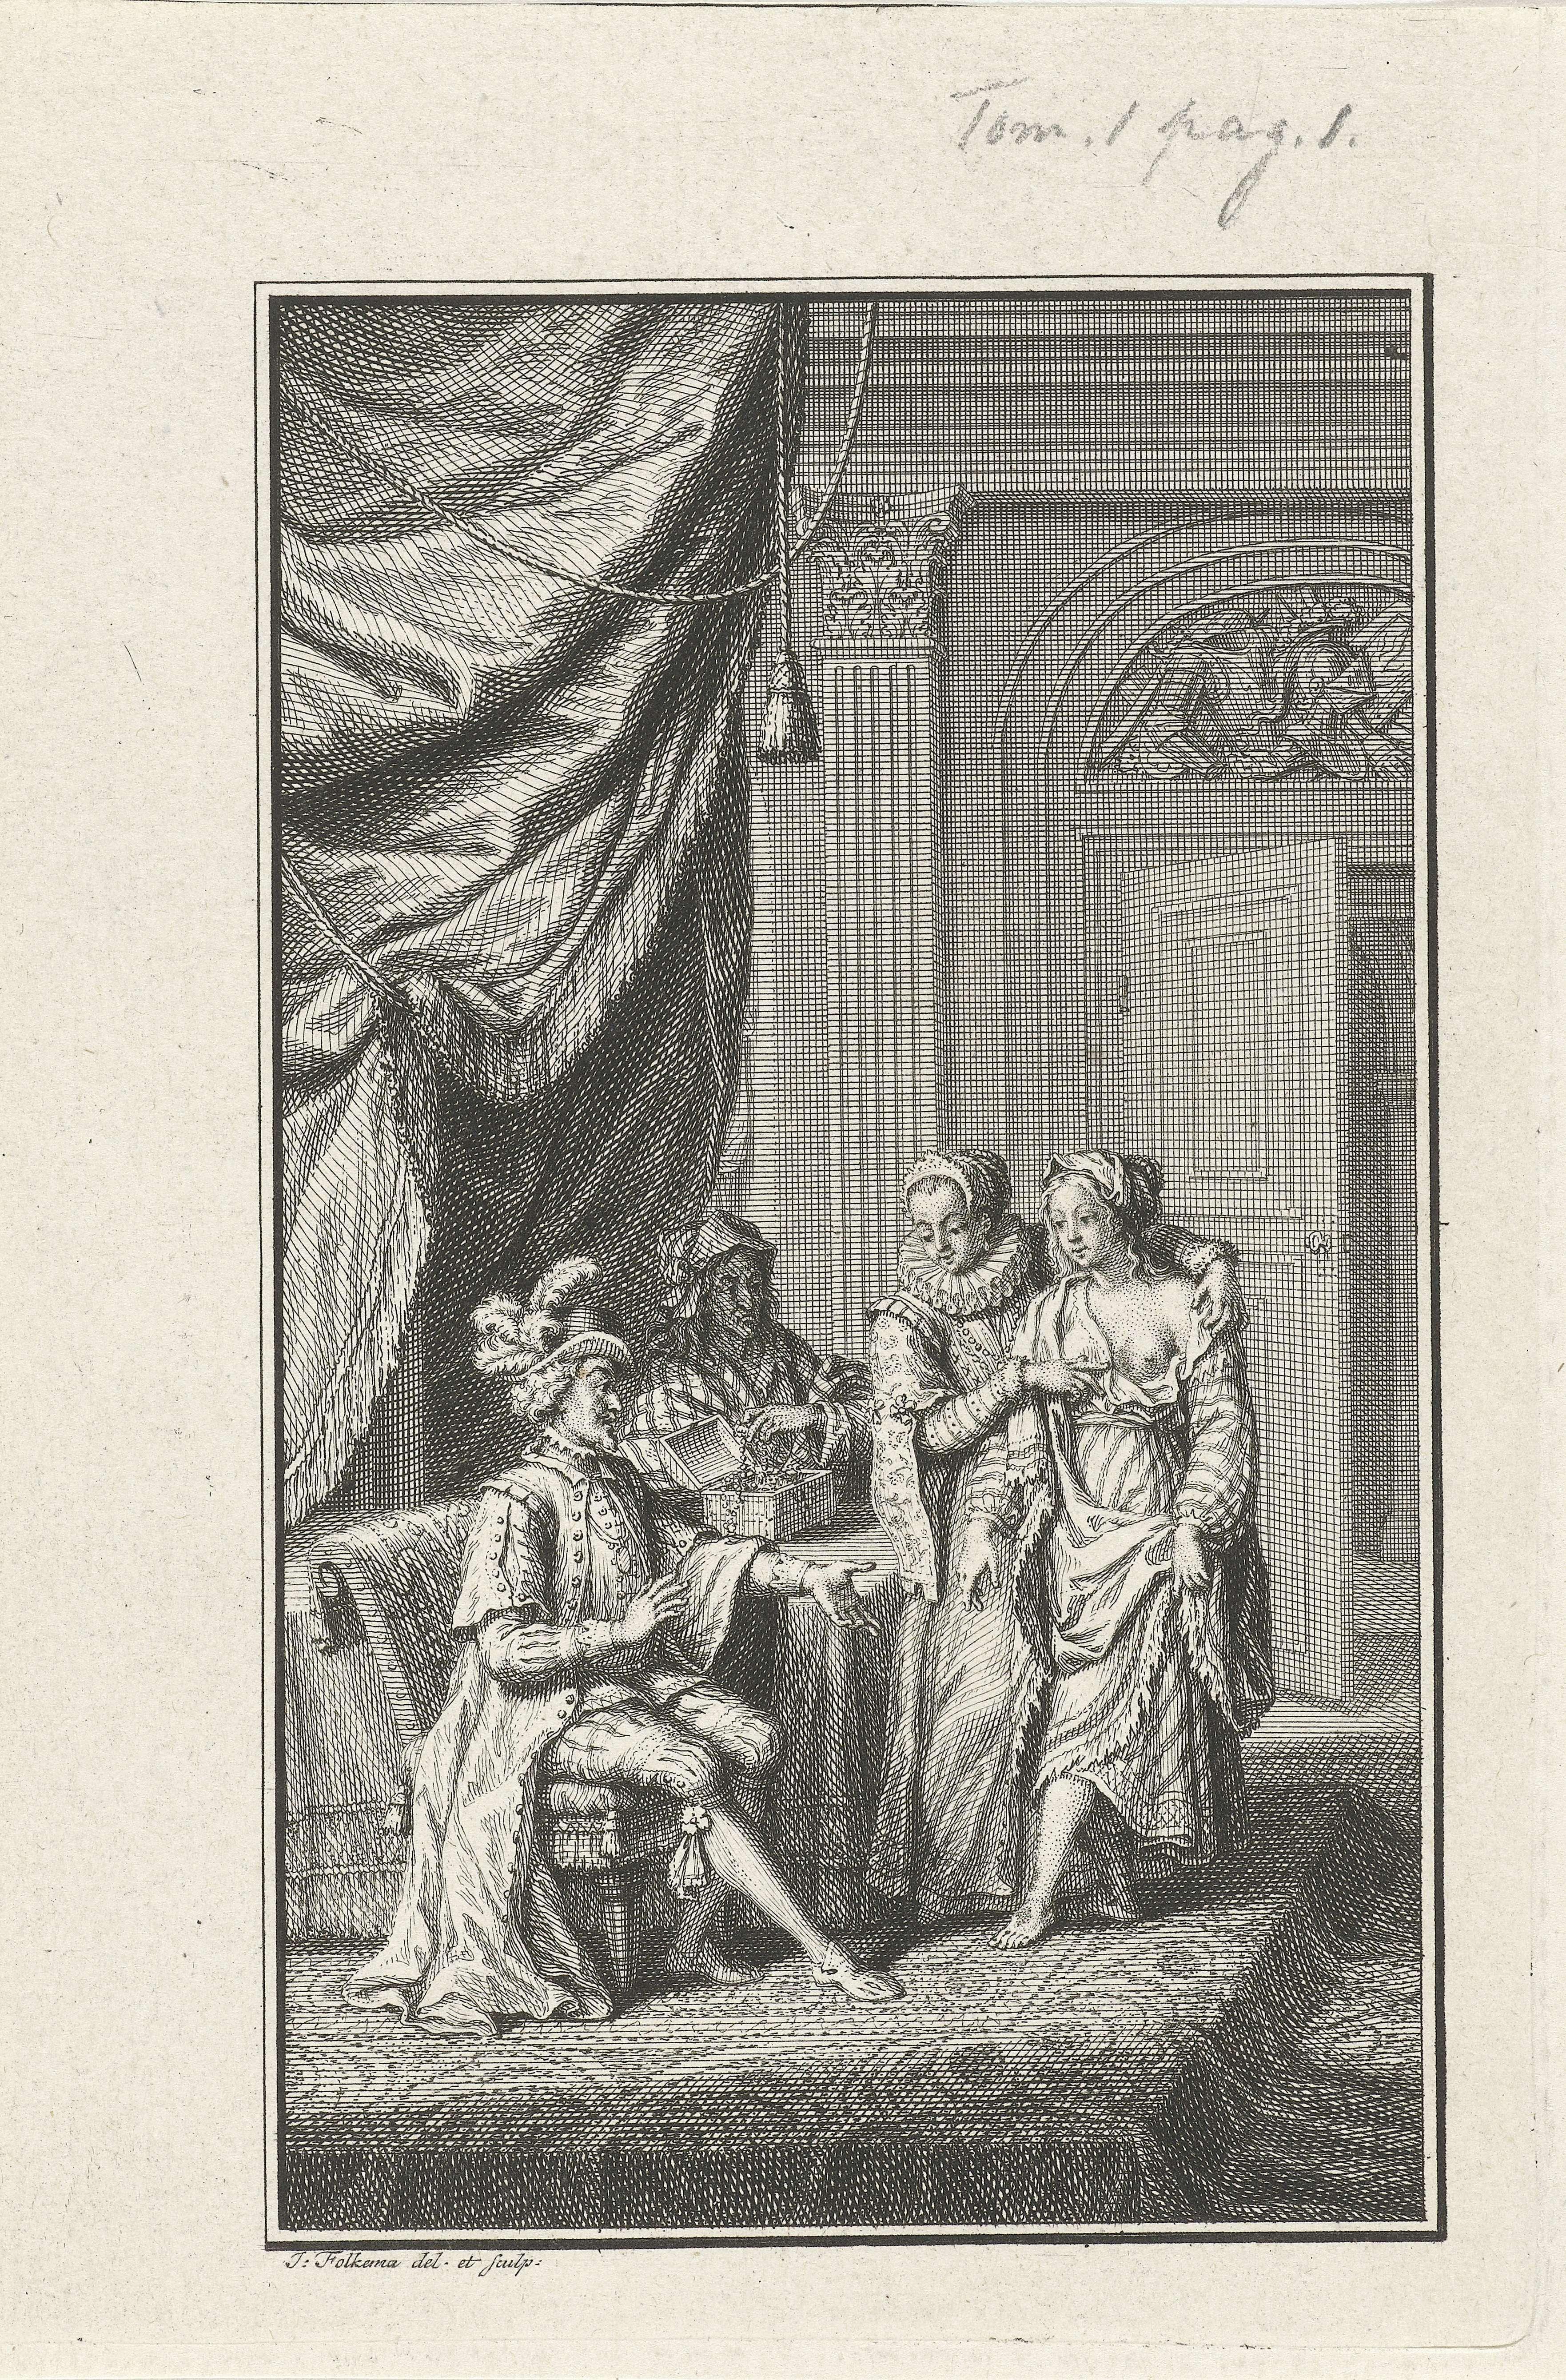 Jacob Folkema   Spaanse Heidin Pretiosa, Jacob Folkema, 1702 - 1767   De Spaanse heidin Pretiosa staat voor een rijk geklede man. Een vrouw ontbloot een borst van Pretiosa en toont deze. Achter dit drietal verzamelt een oudere vrouw sierraden in een kistje dat voor haar op tafel staat.